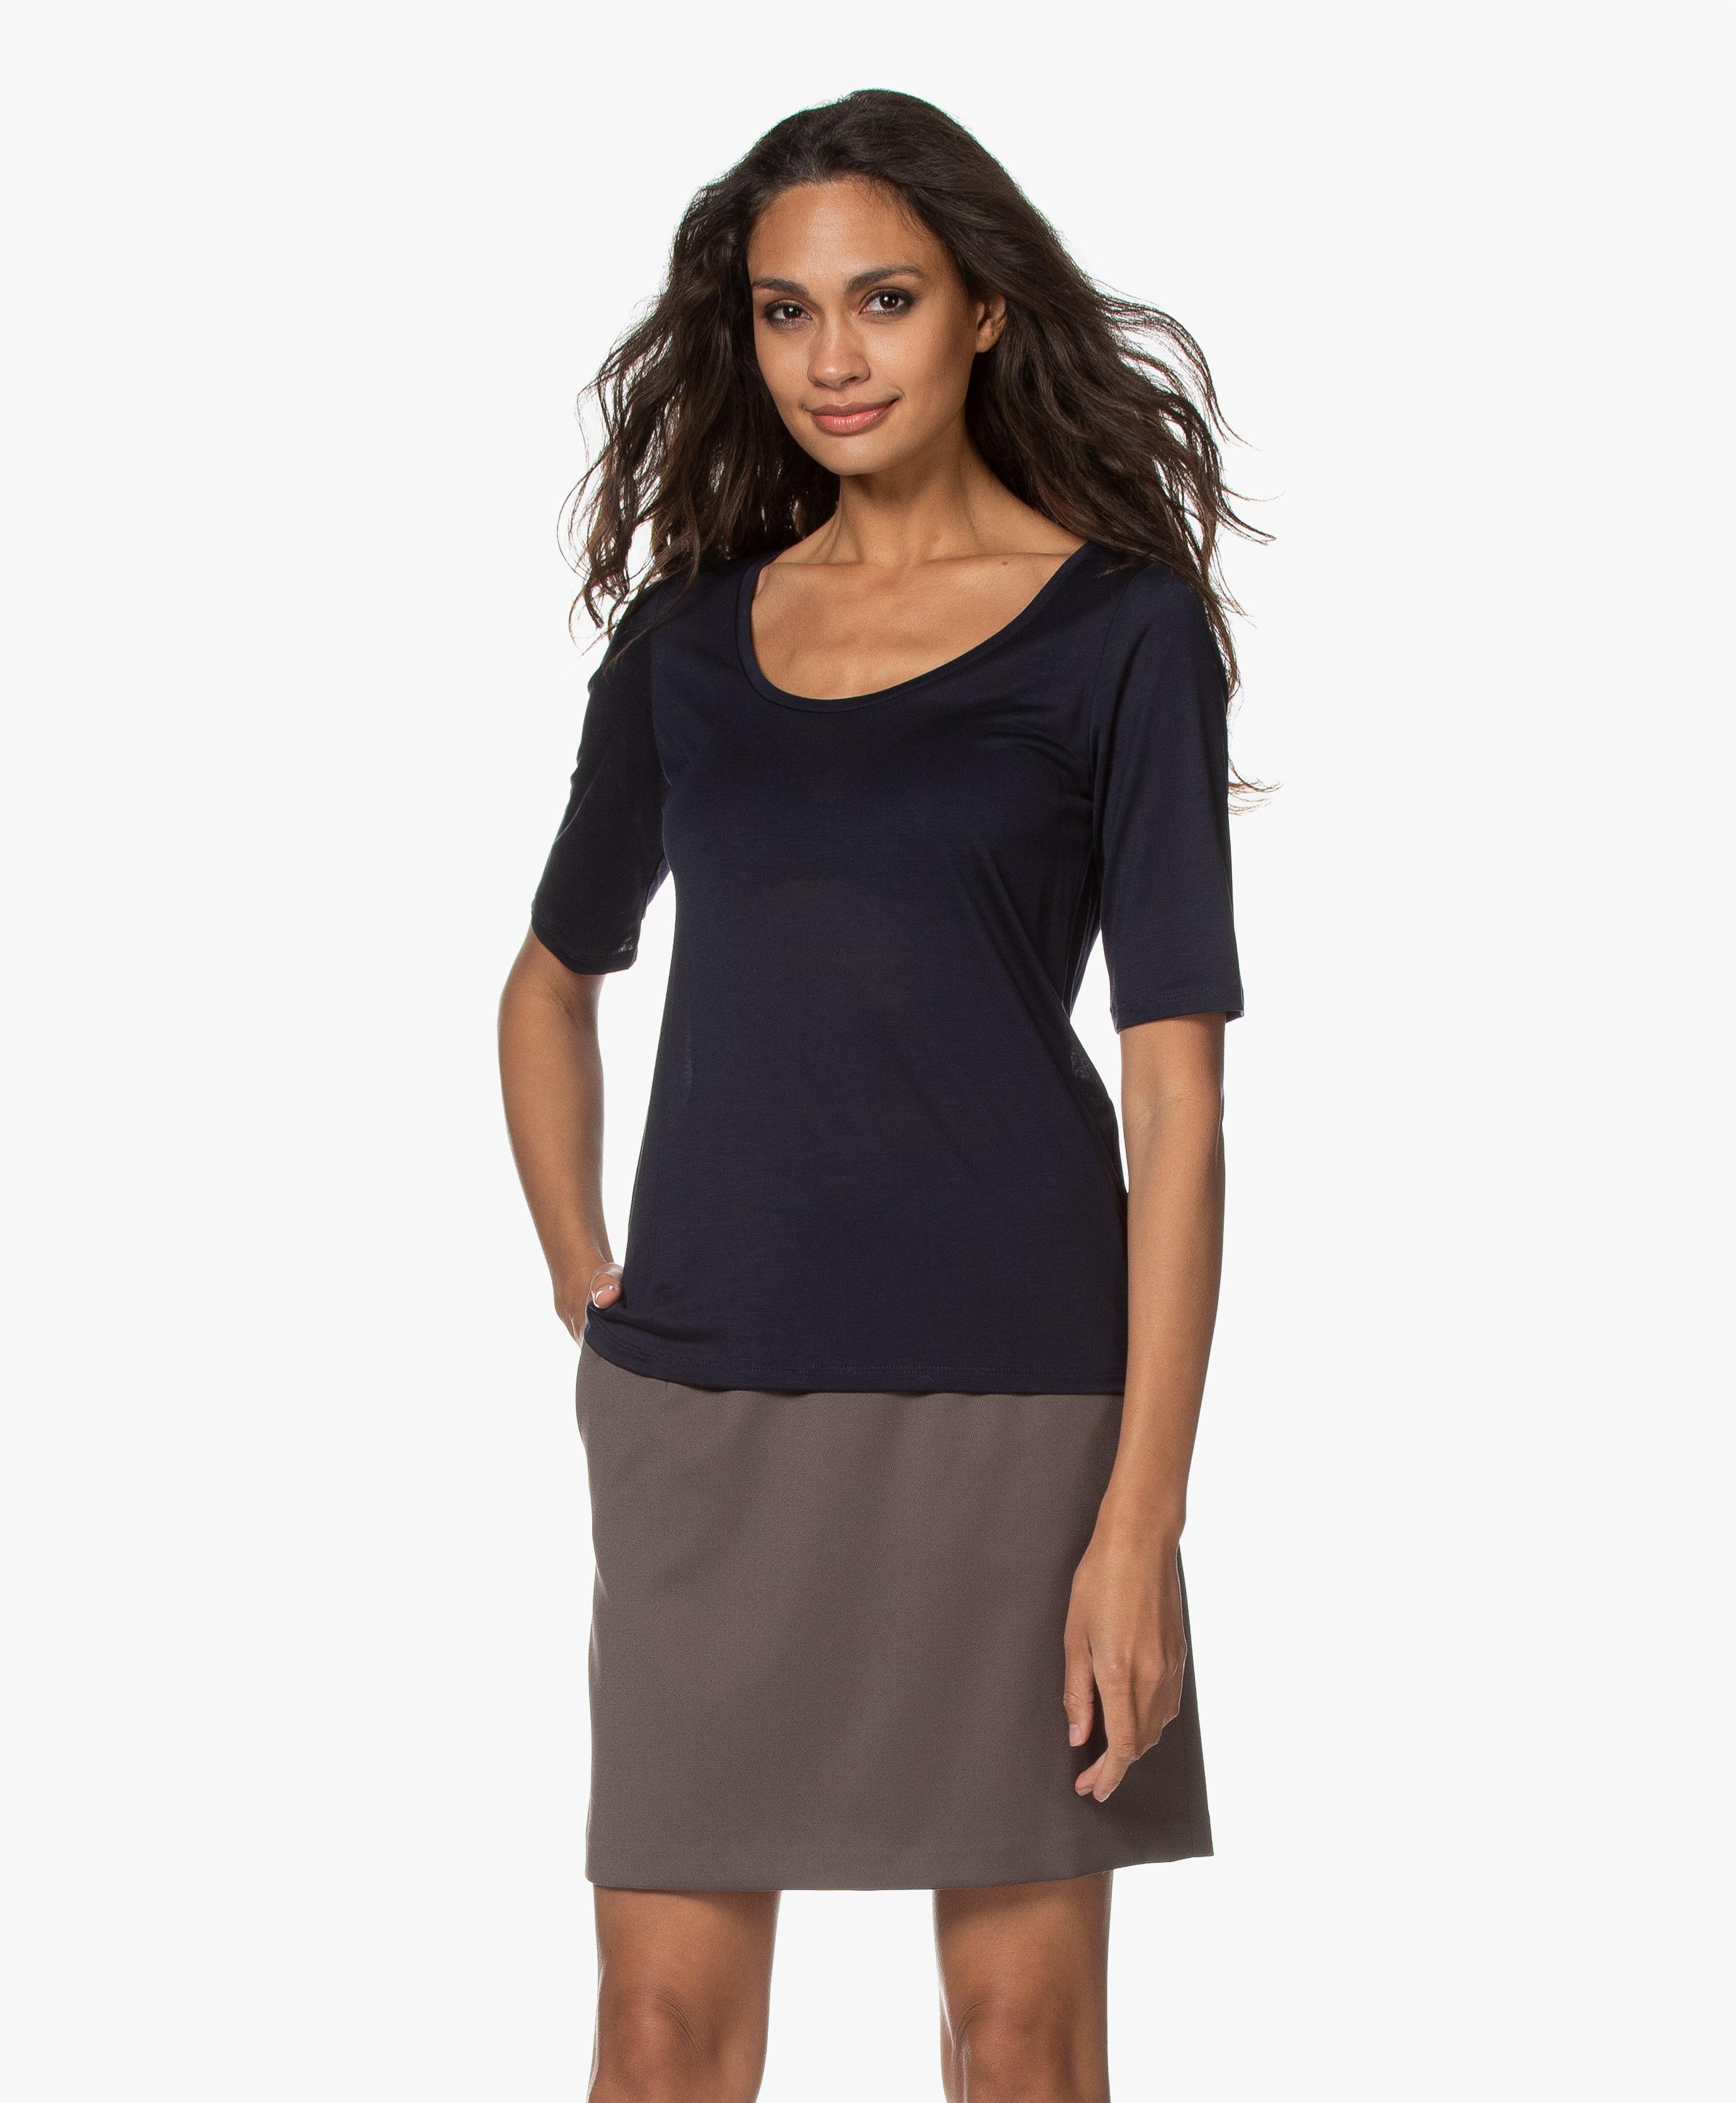 filippa k tencel tunic dress